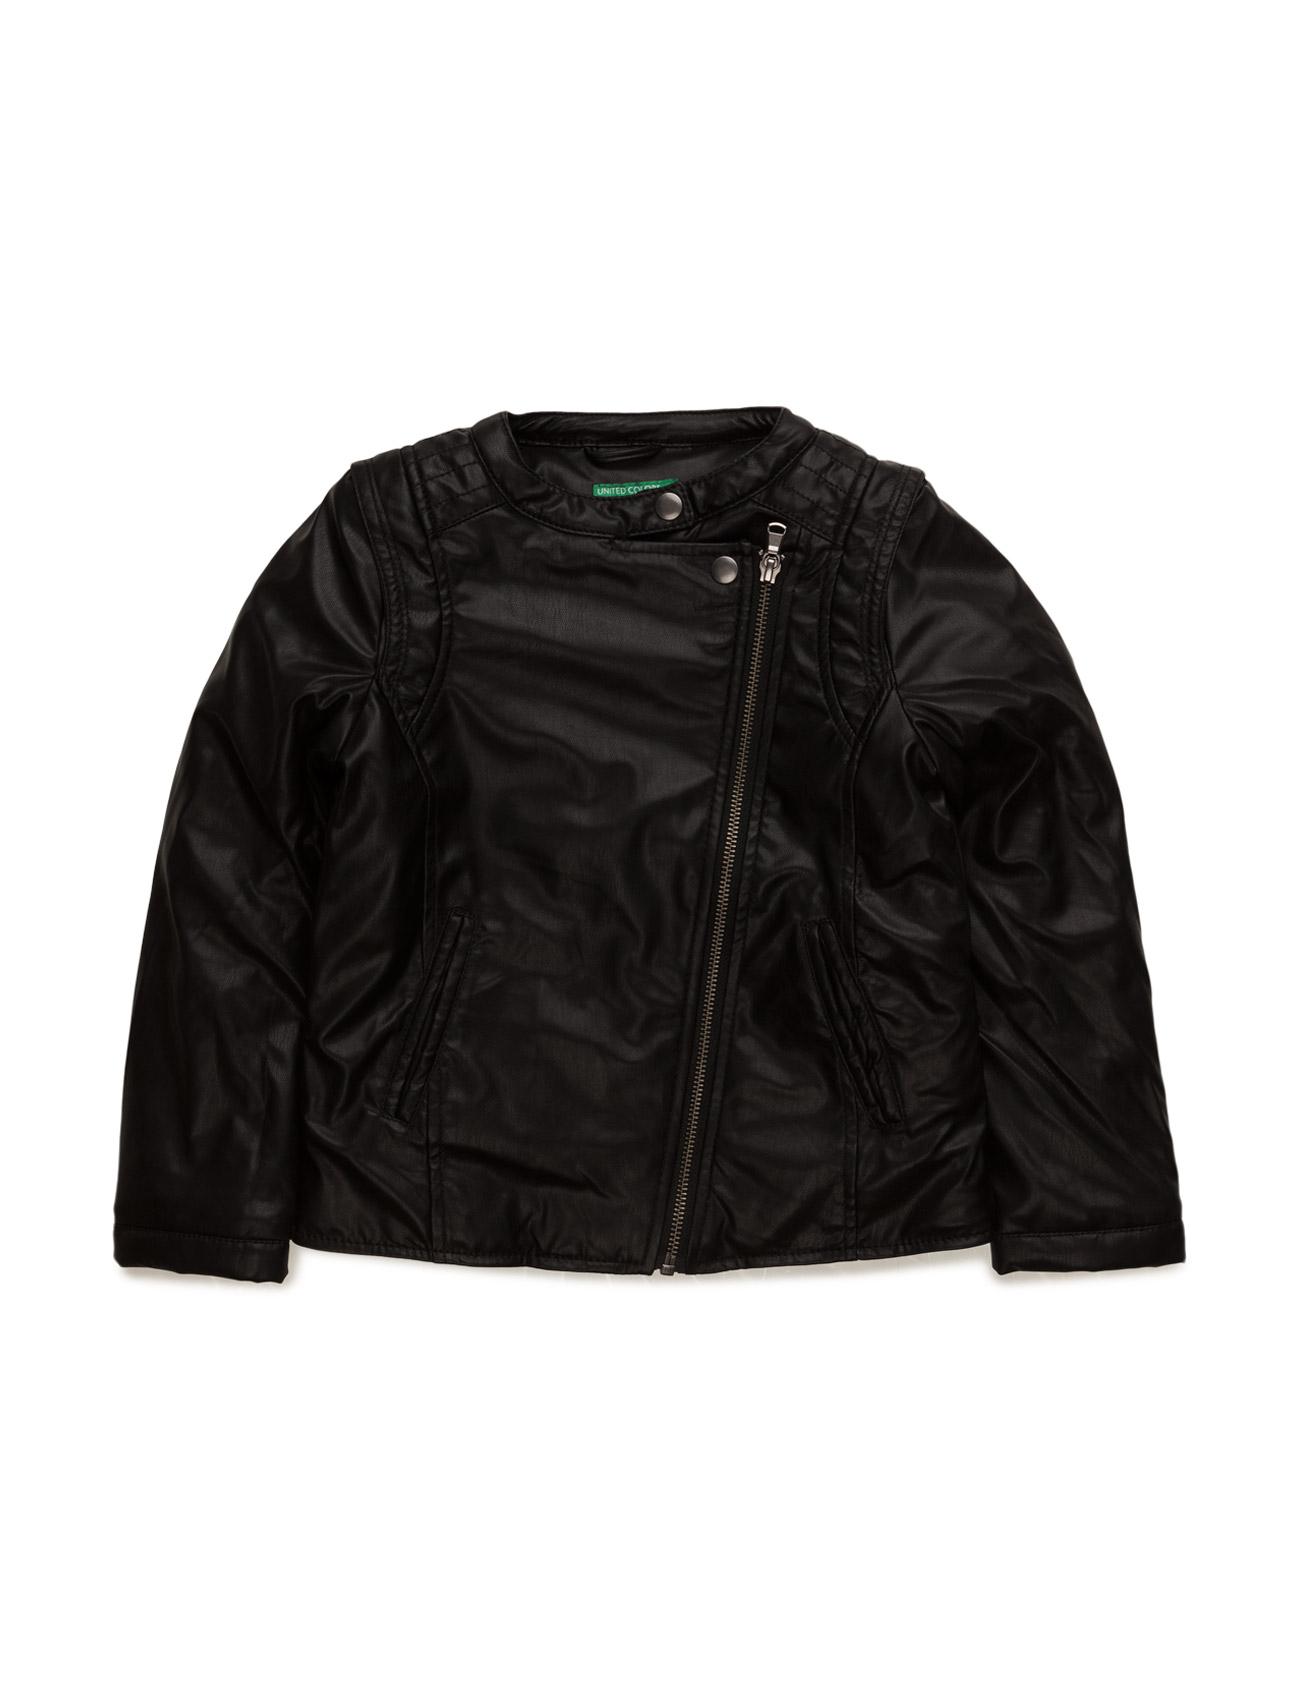 Jacket United Colors of Benetton Overtøj til Piger i